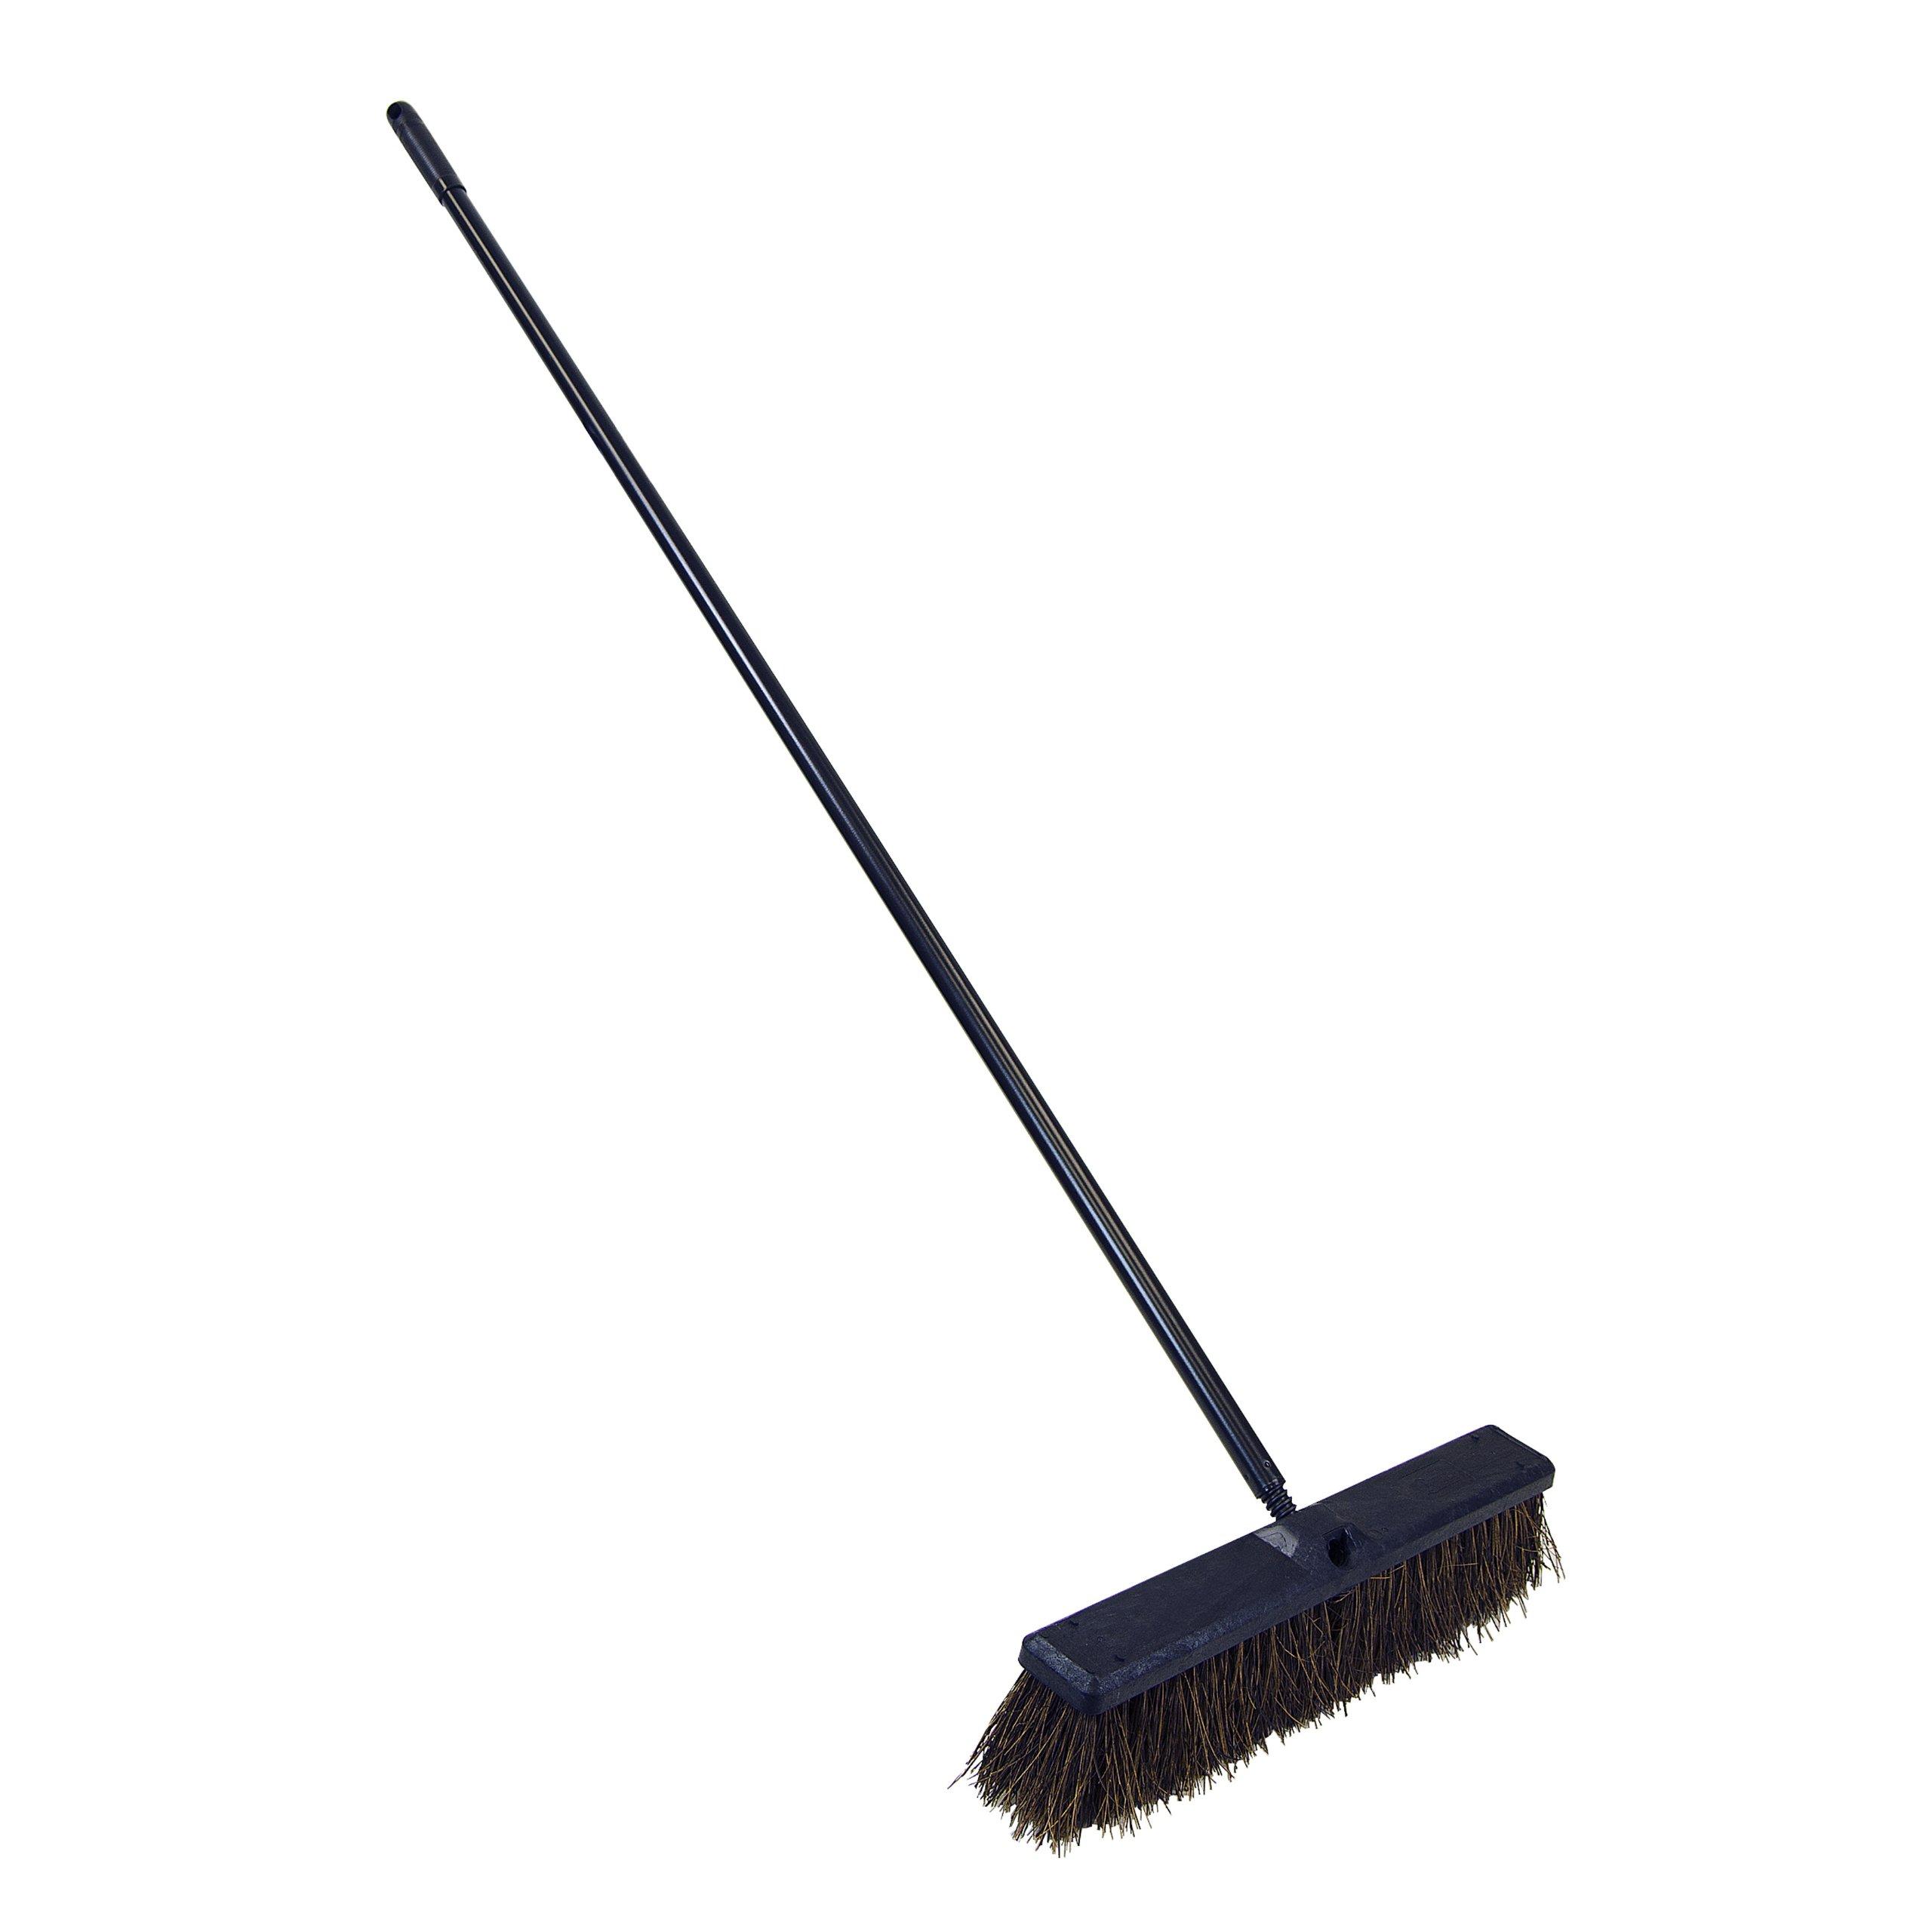 Quickie Bulldozer 54-Inch Palmyra Push Broom